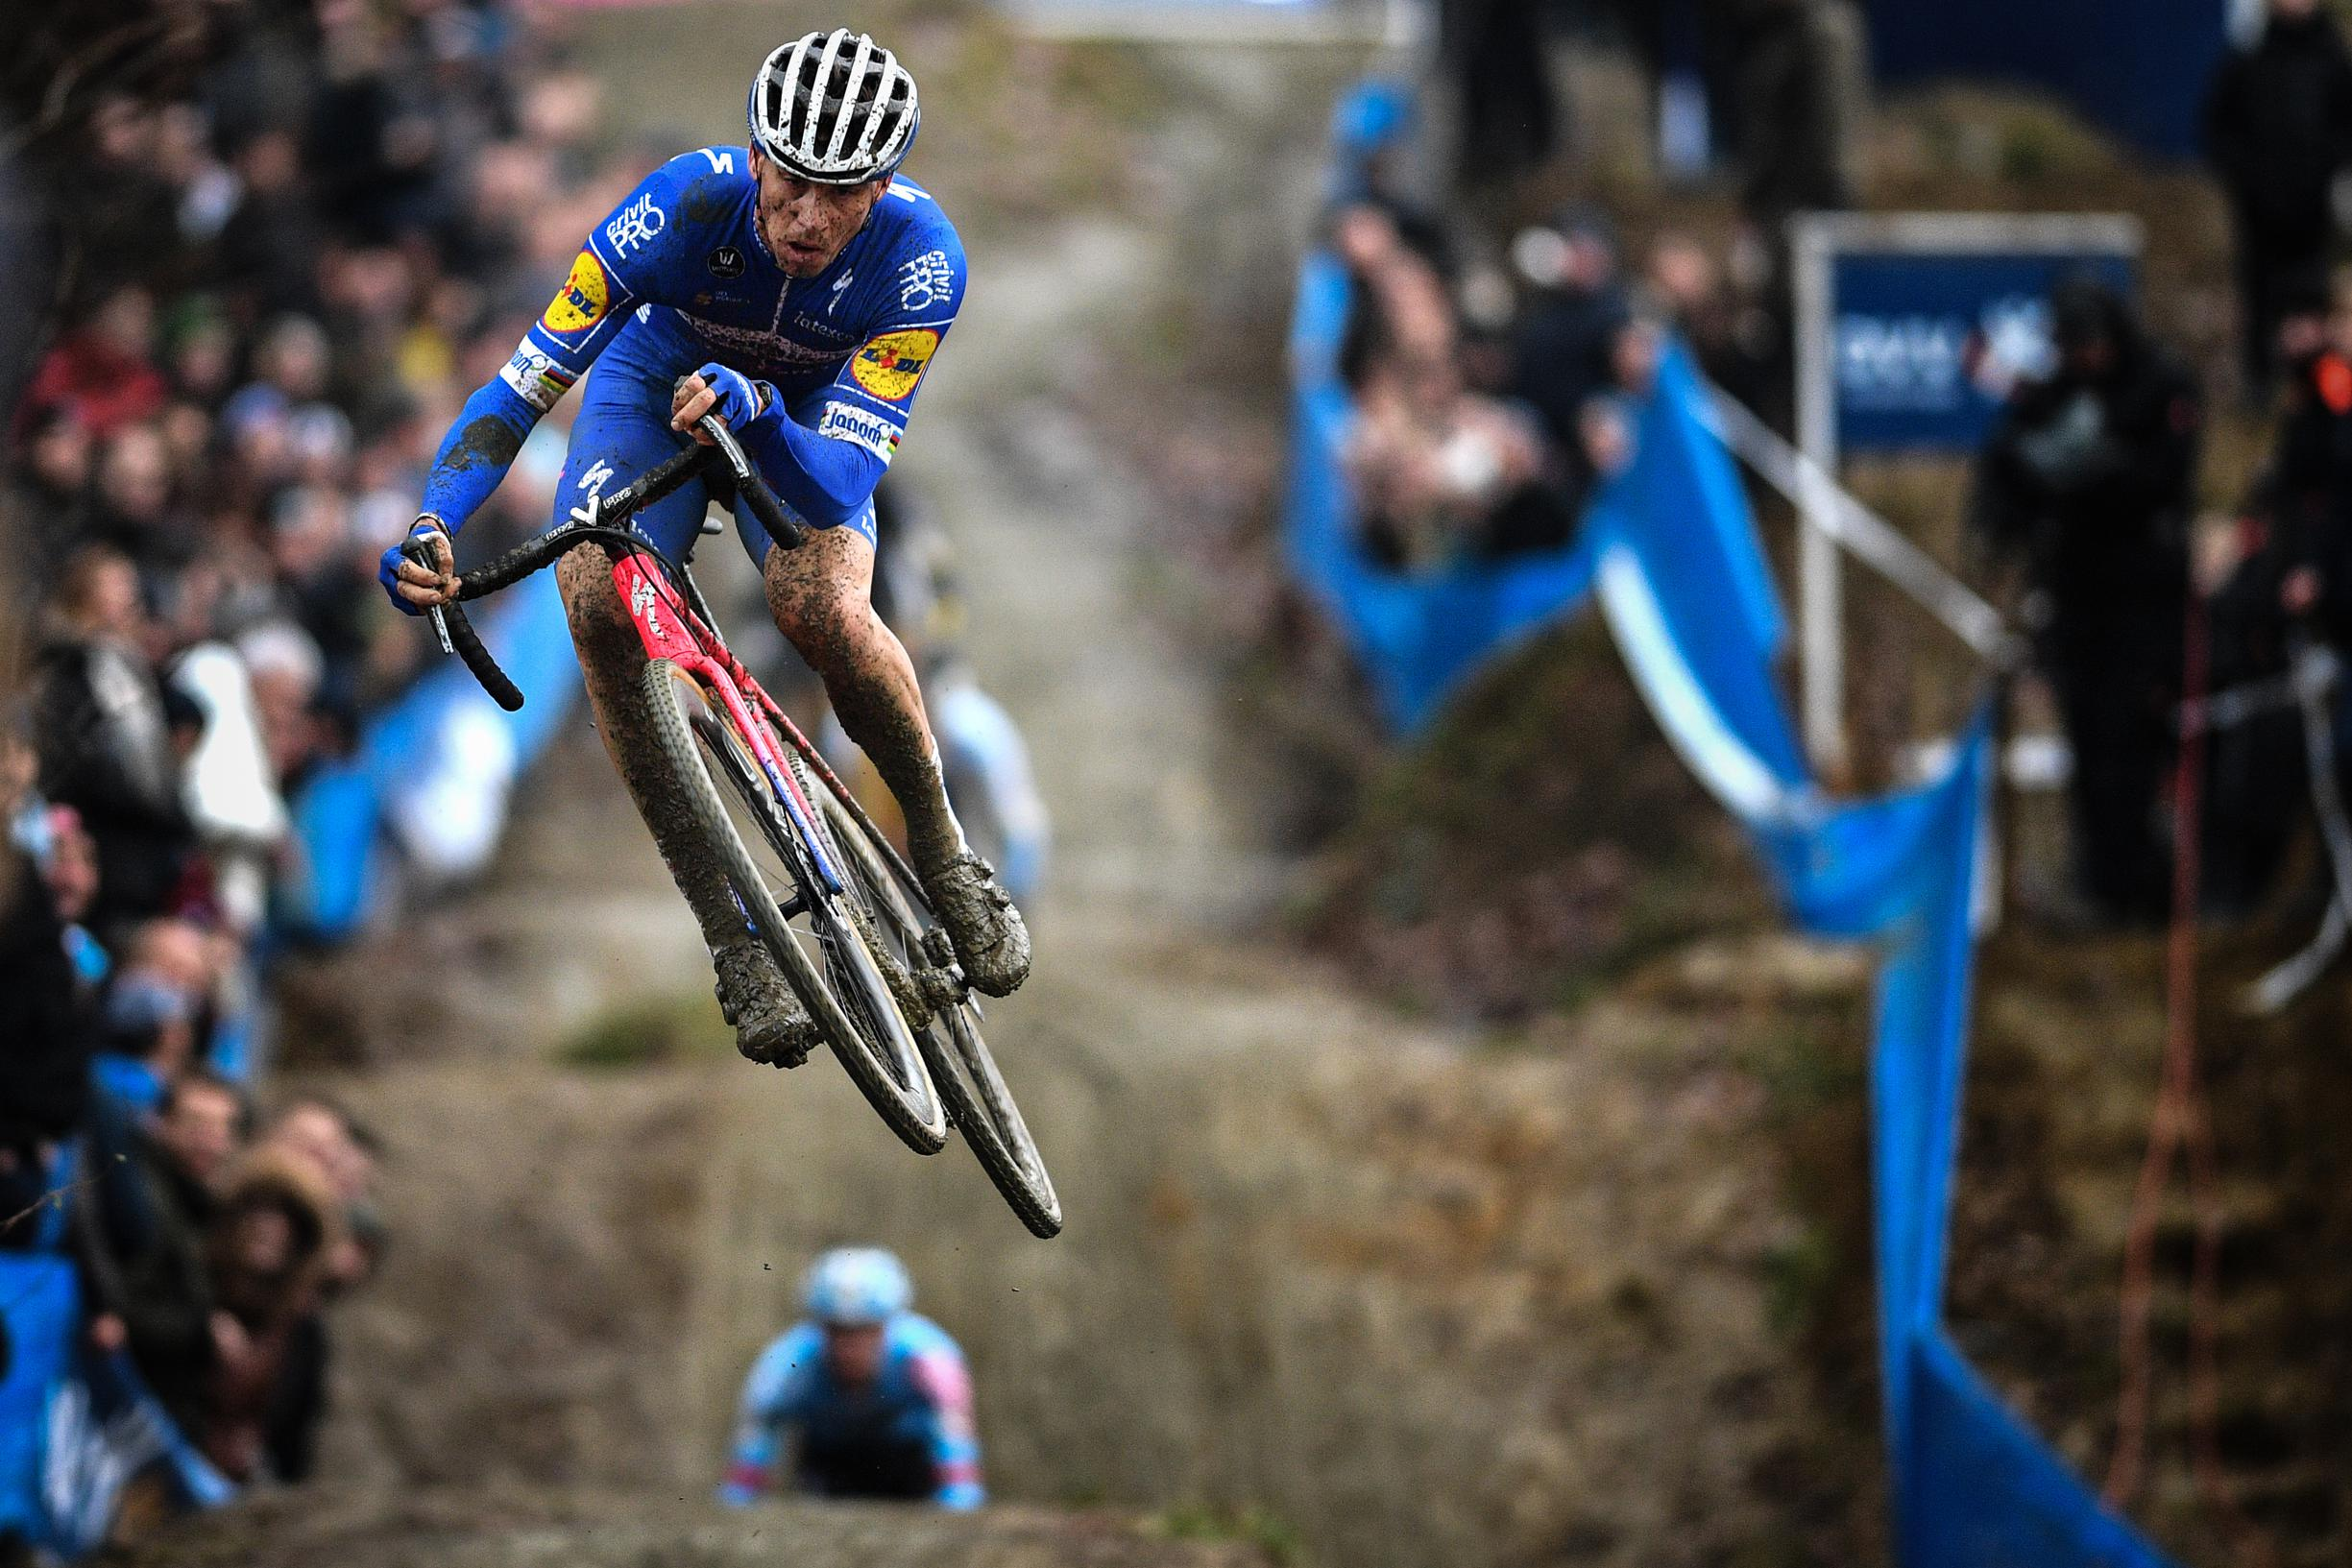 Stybar rijdt in Zonhoven en Zolder - Het Belang van Limburg